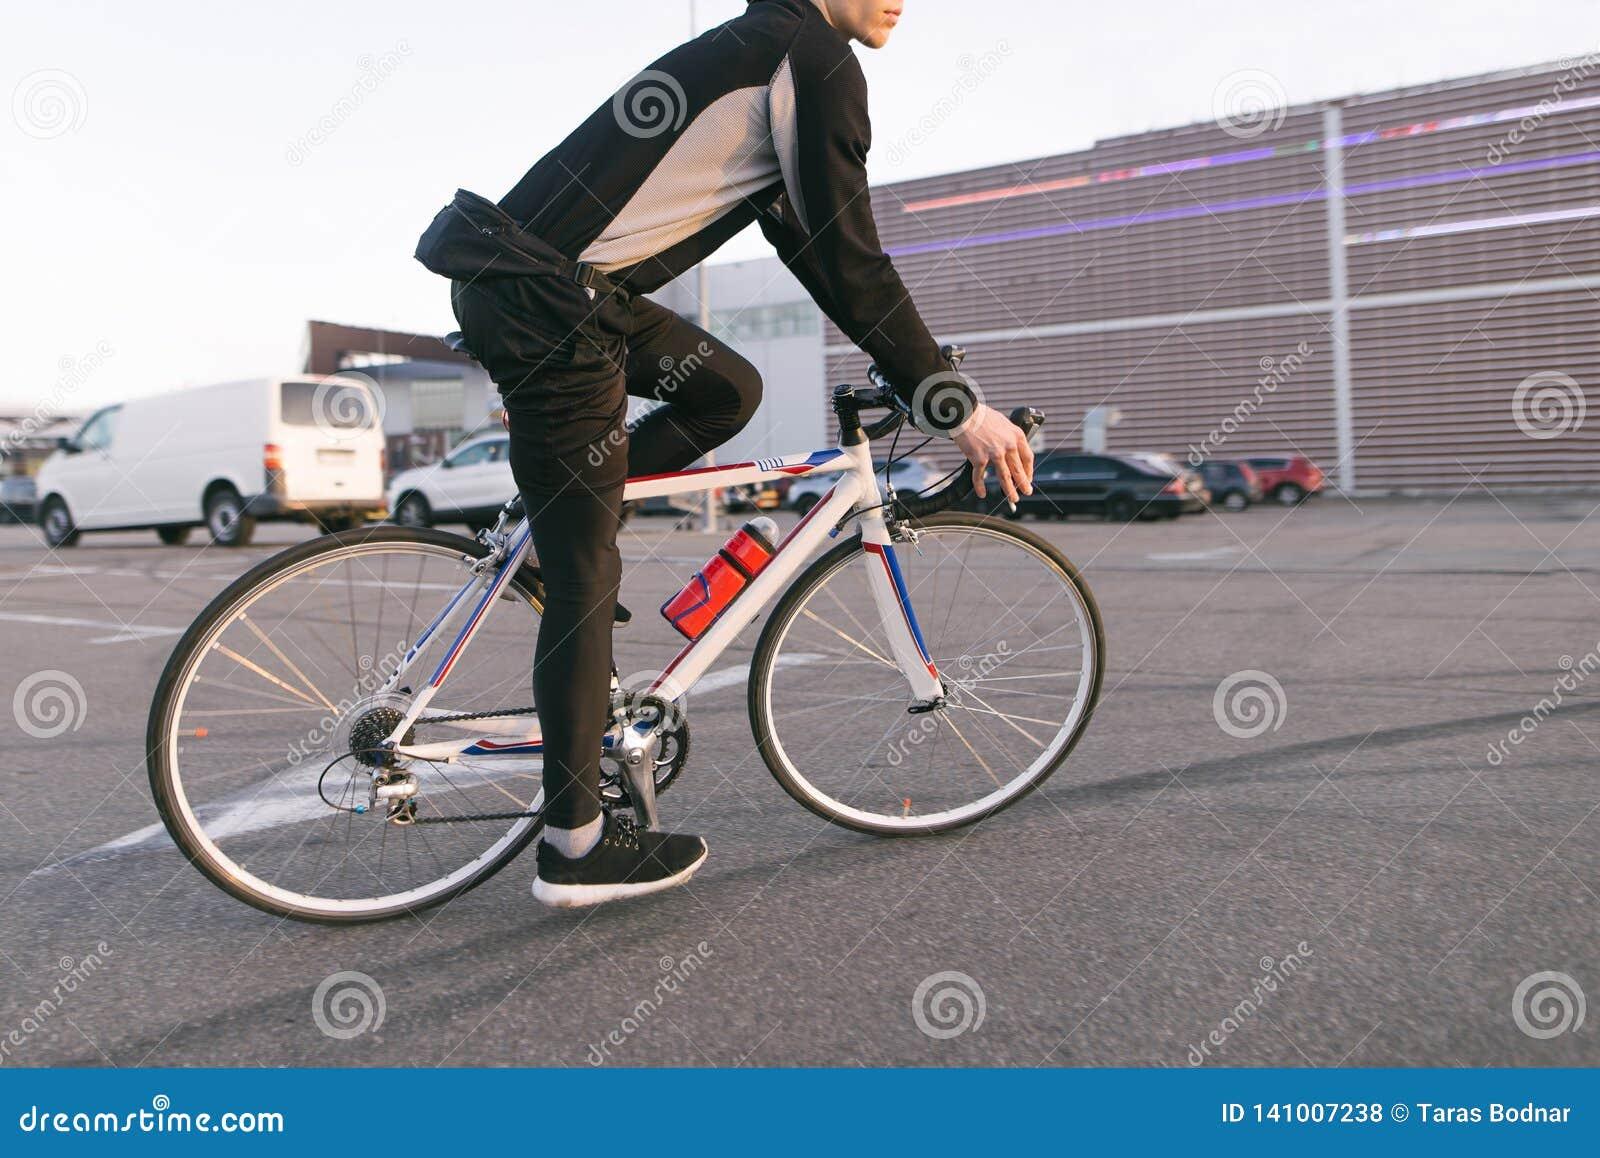 Radfahrer auf einer temporeichen Fahrradfahrt, Fahrt im Parkplatz, auf dem Hintergrund des Malls